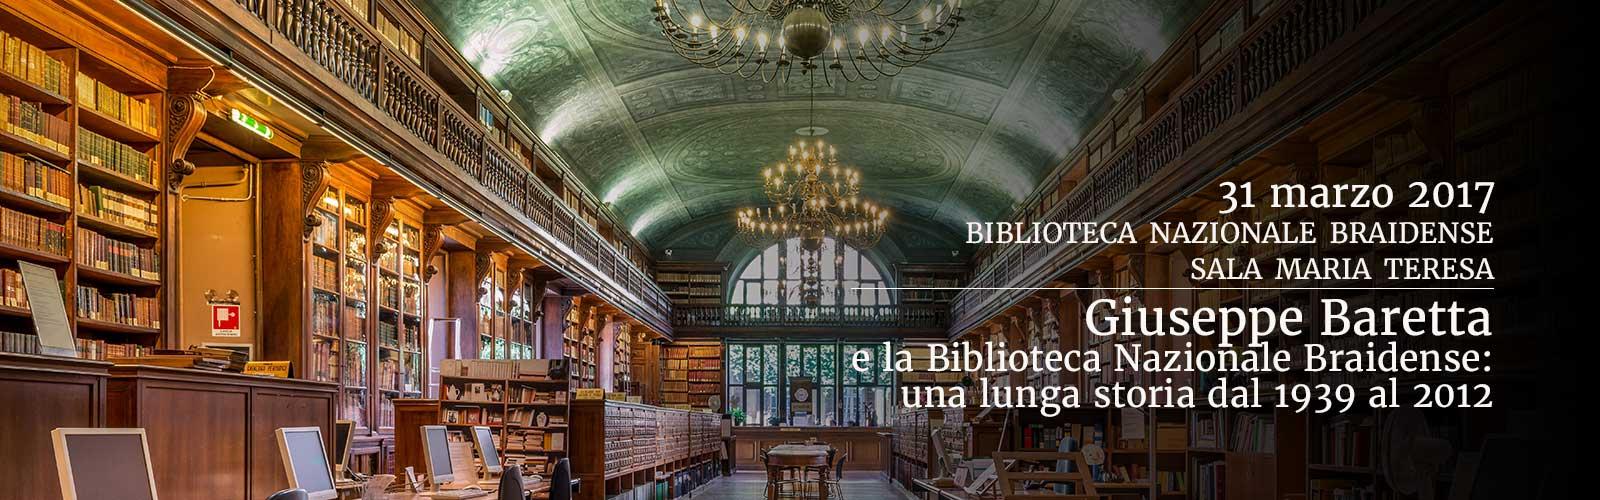 Giuseppe Baretta e la Biblioteca Nazionale Braidense: una lunga storia dal 1939 al 2012